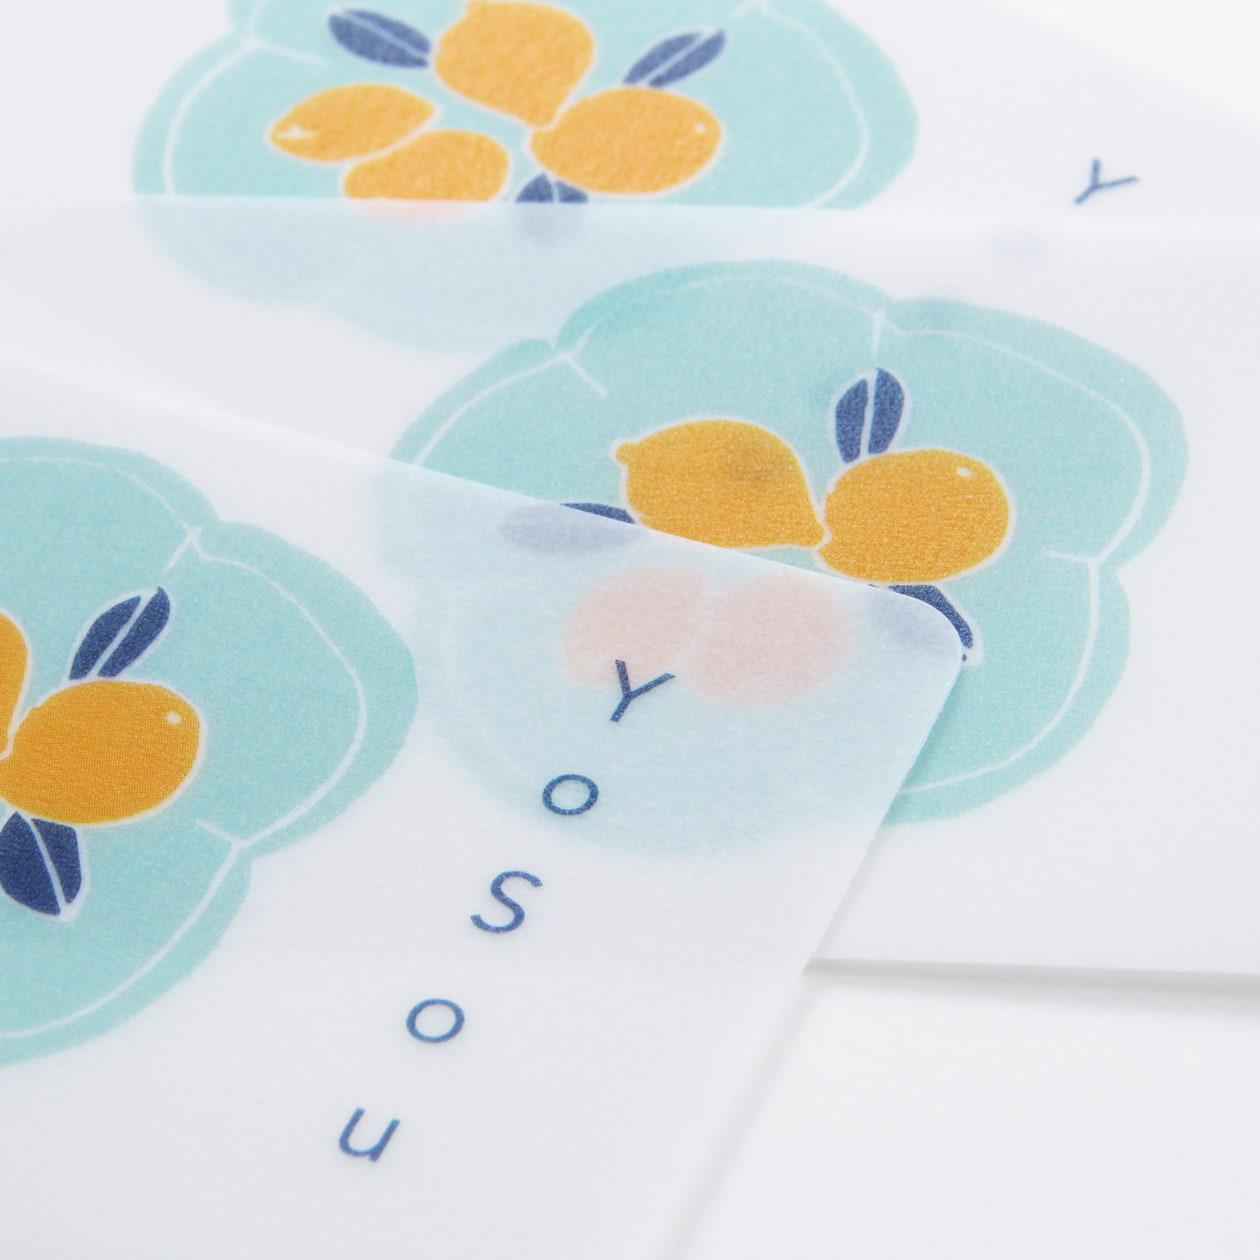 透ける素材で印象的に ガラス食器のブランドのカード